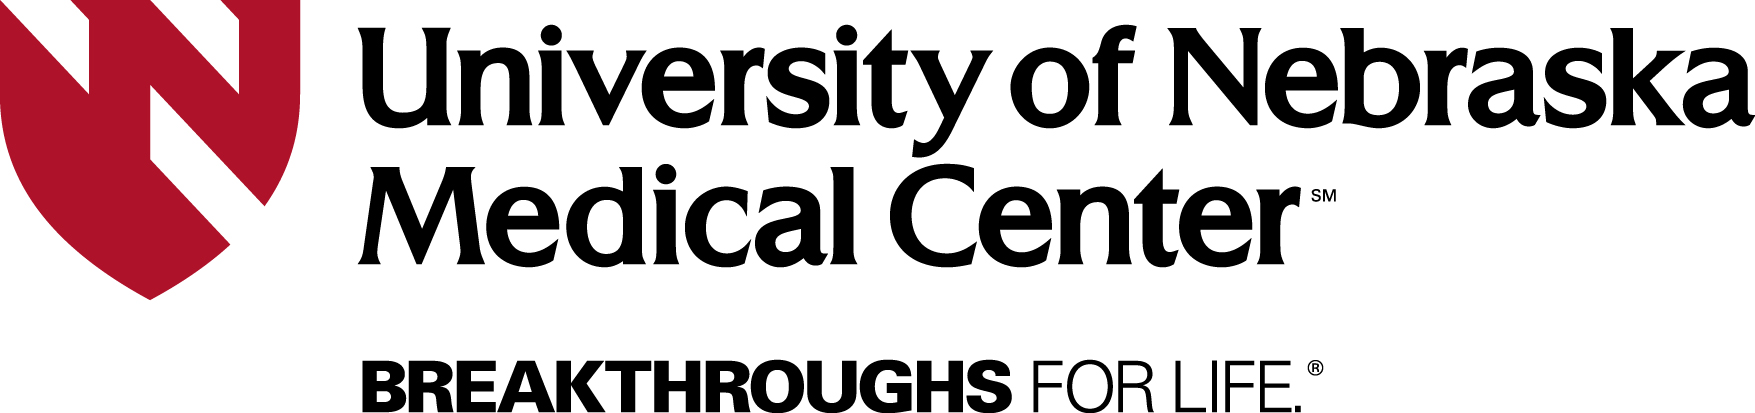 UNMC logo